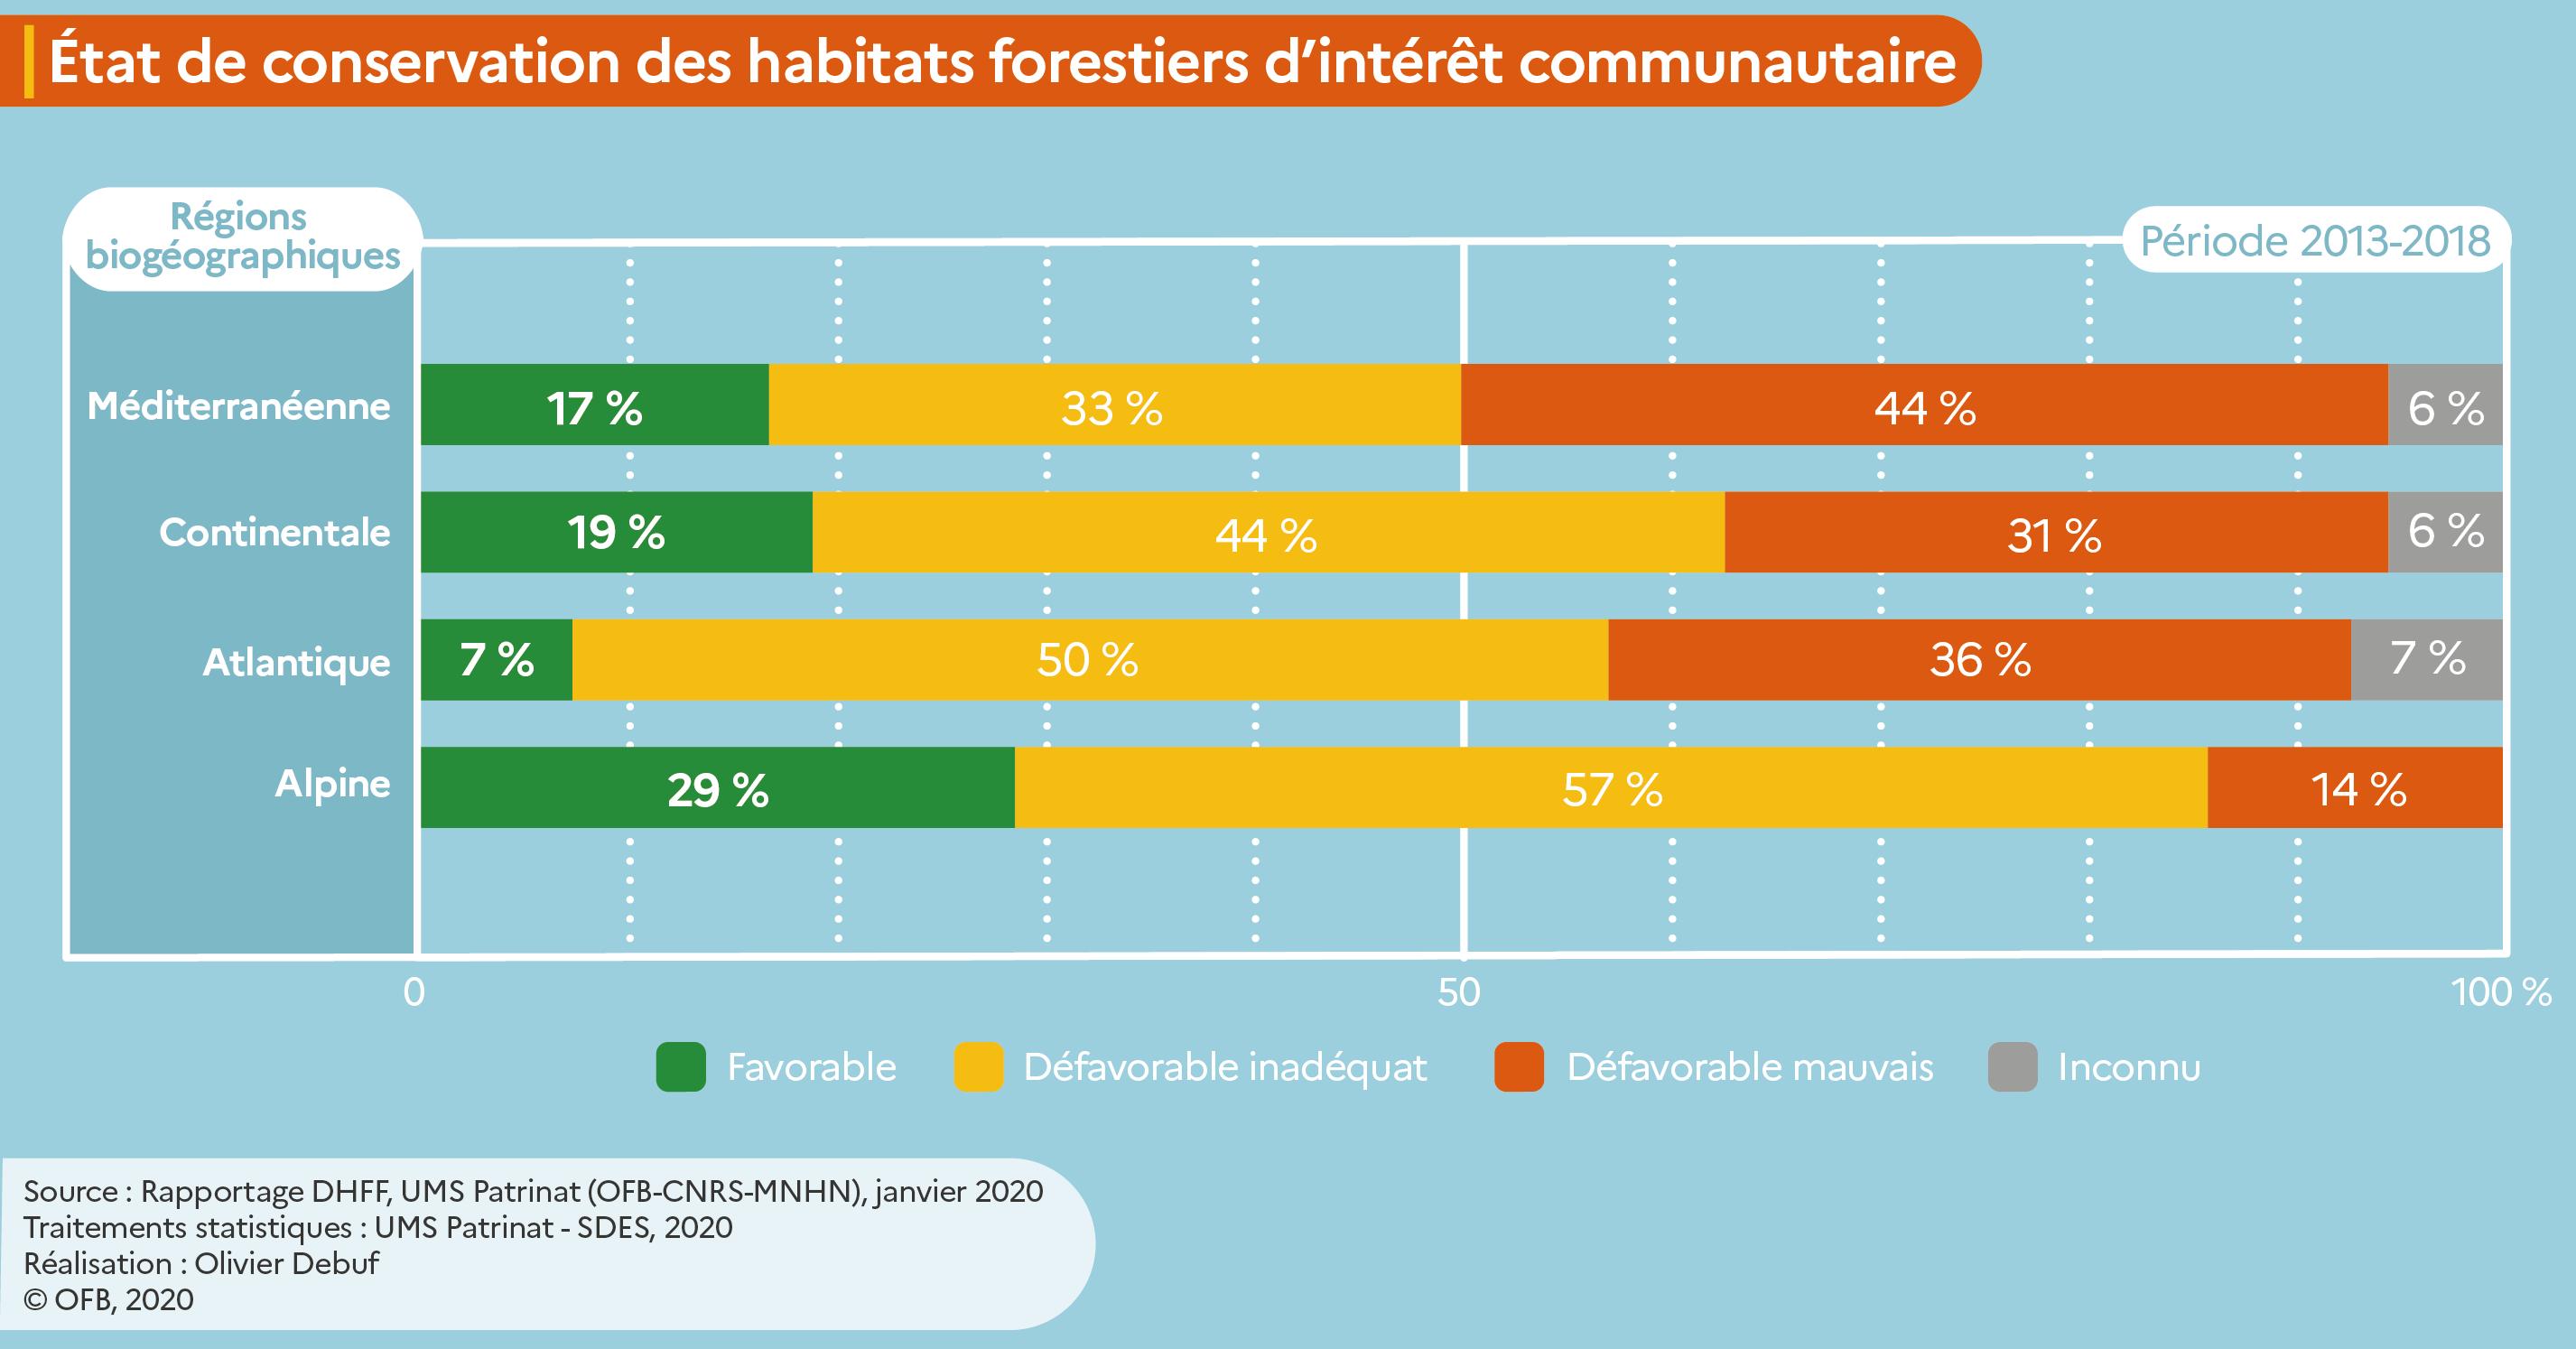 Etat de conservation des habitats forestiers d'intérêt communautaire par région biogéographique (période 2013-2018)